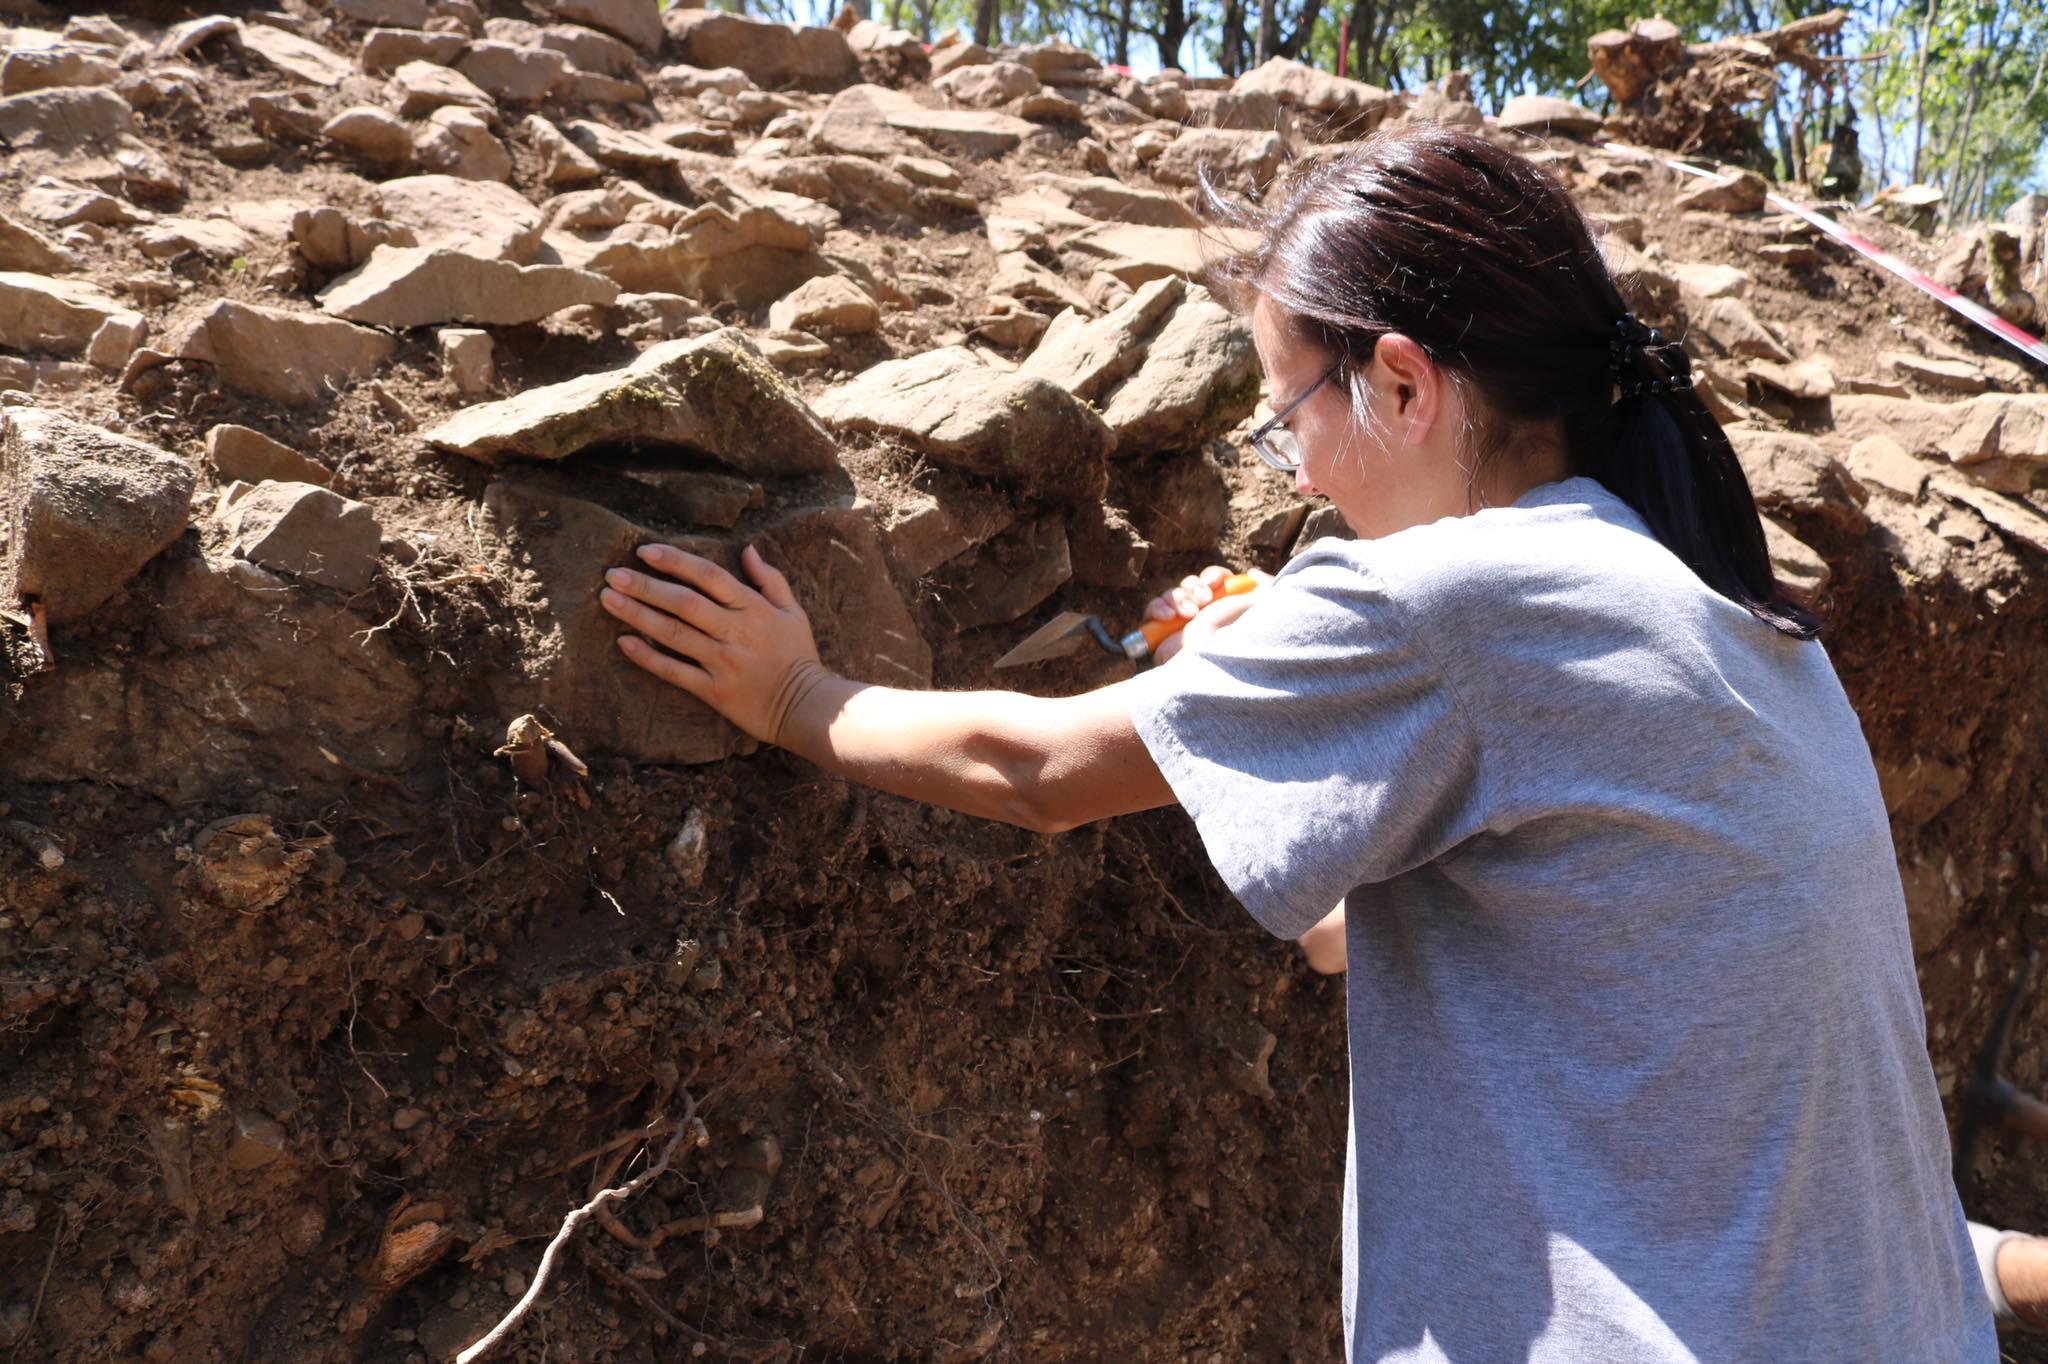 Në kërkim të së vërtetës, Edona Arifi tregon përvojën e saj në rrugën e arkeologjisë